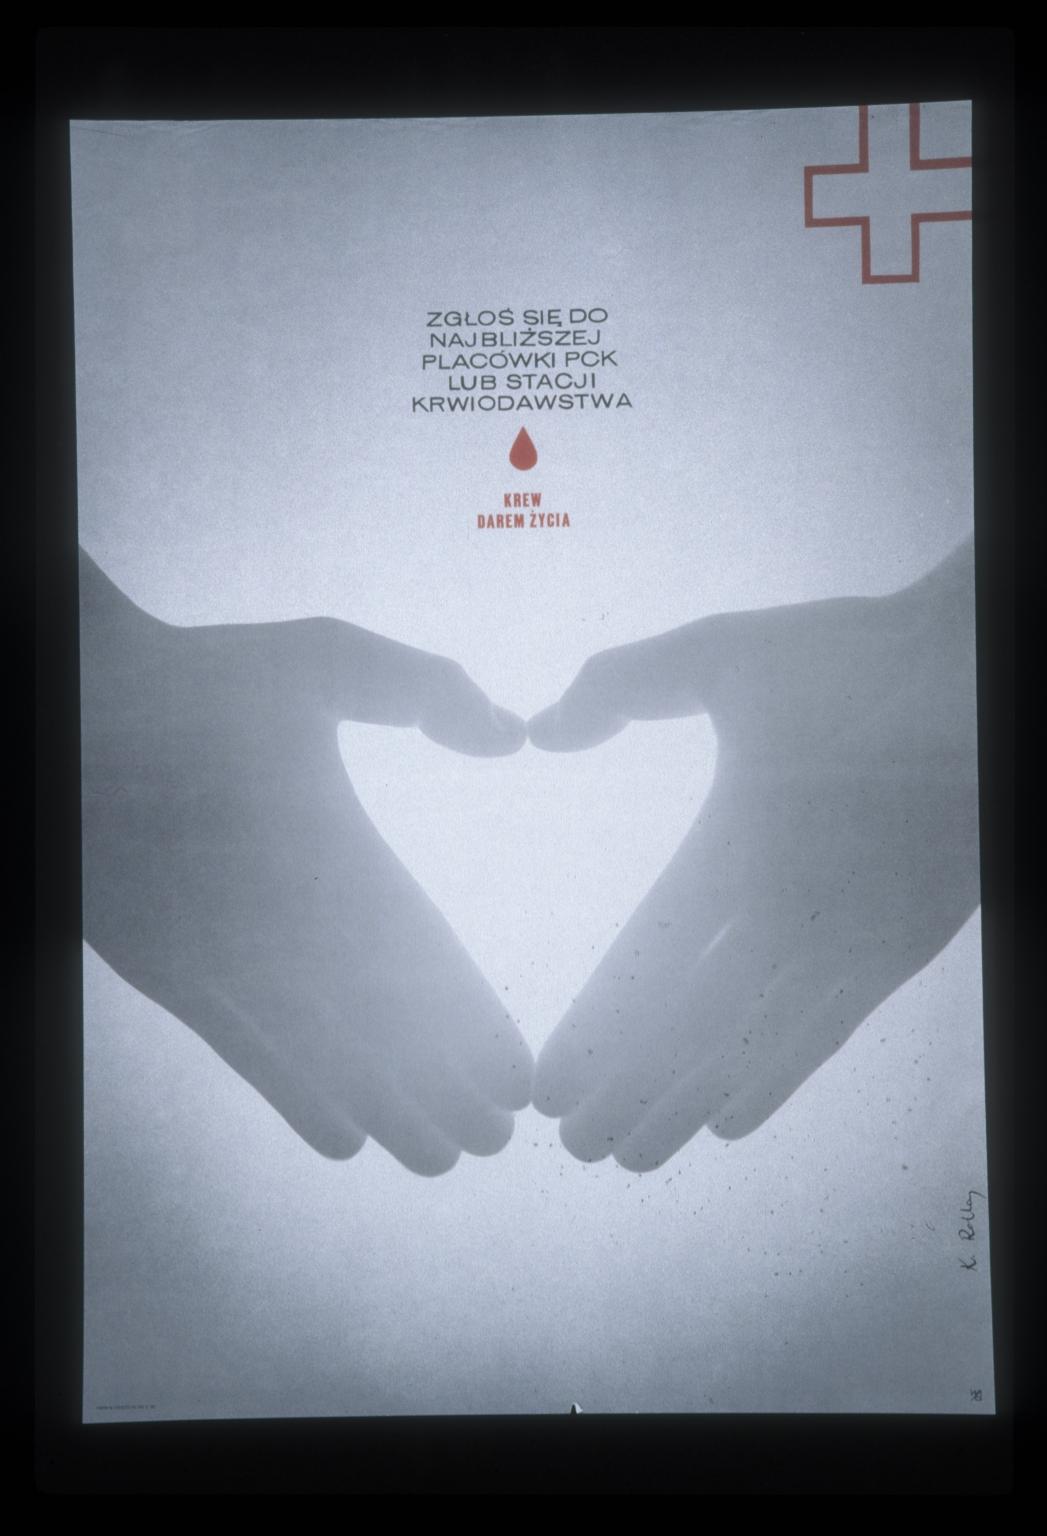 Krew, darem zycia: sglos sie do najblizszej lub stacji krwiodawstwa